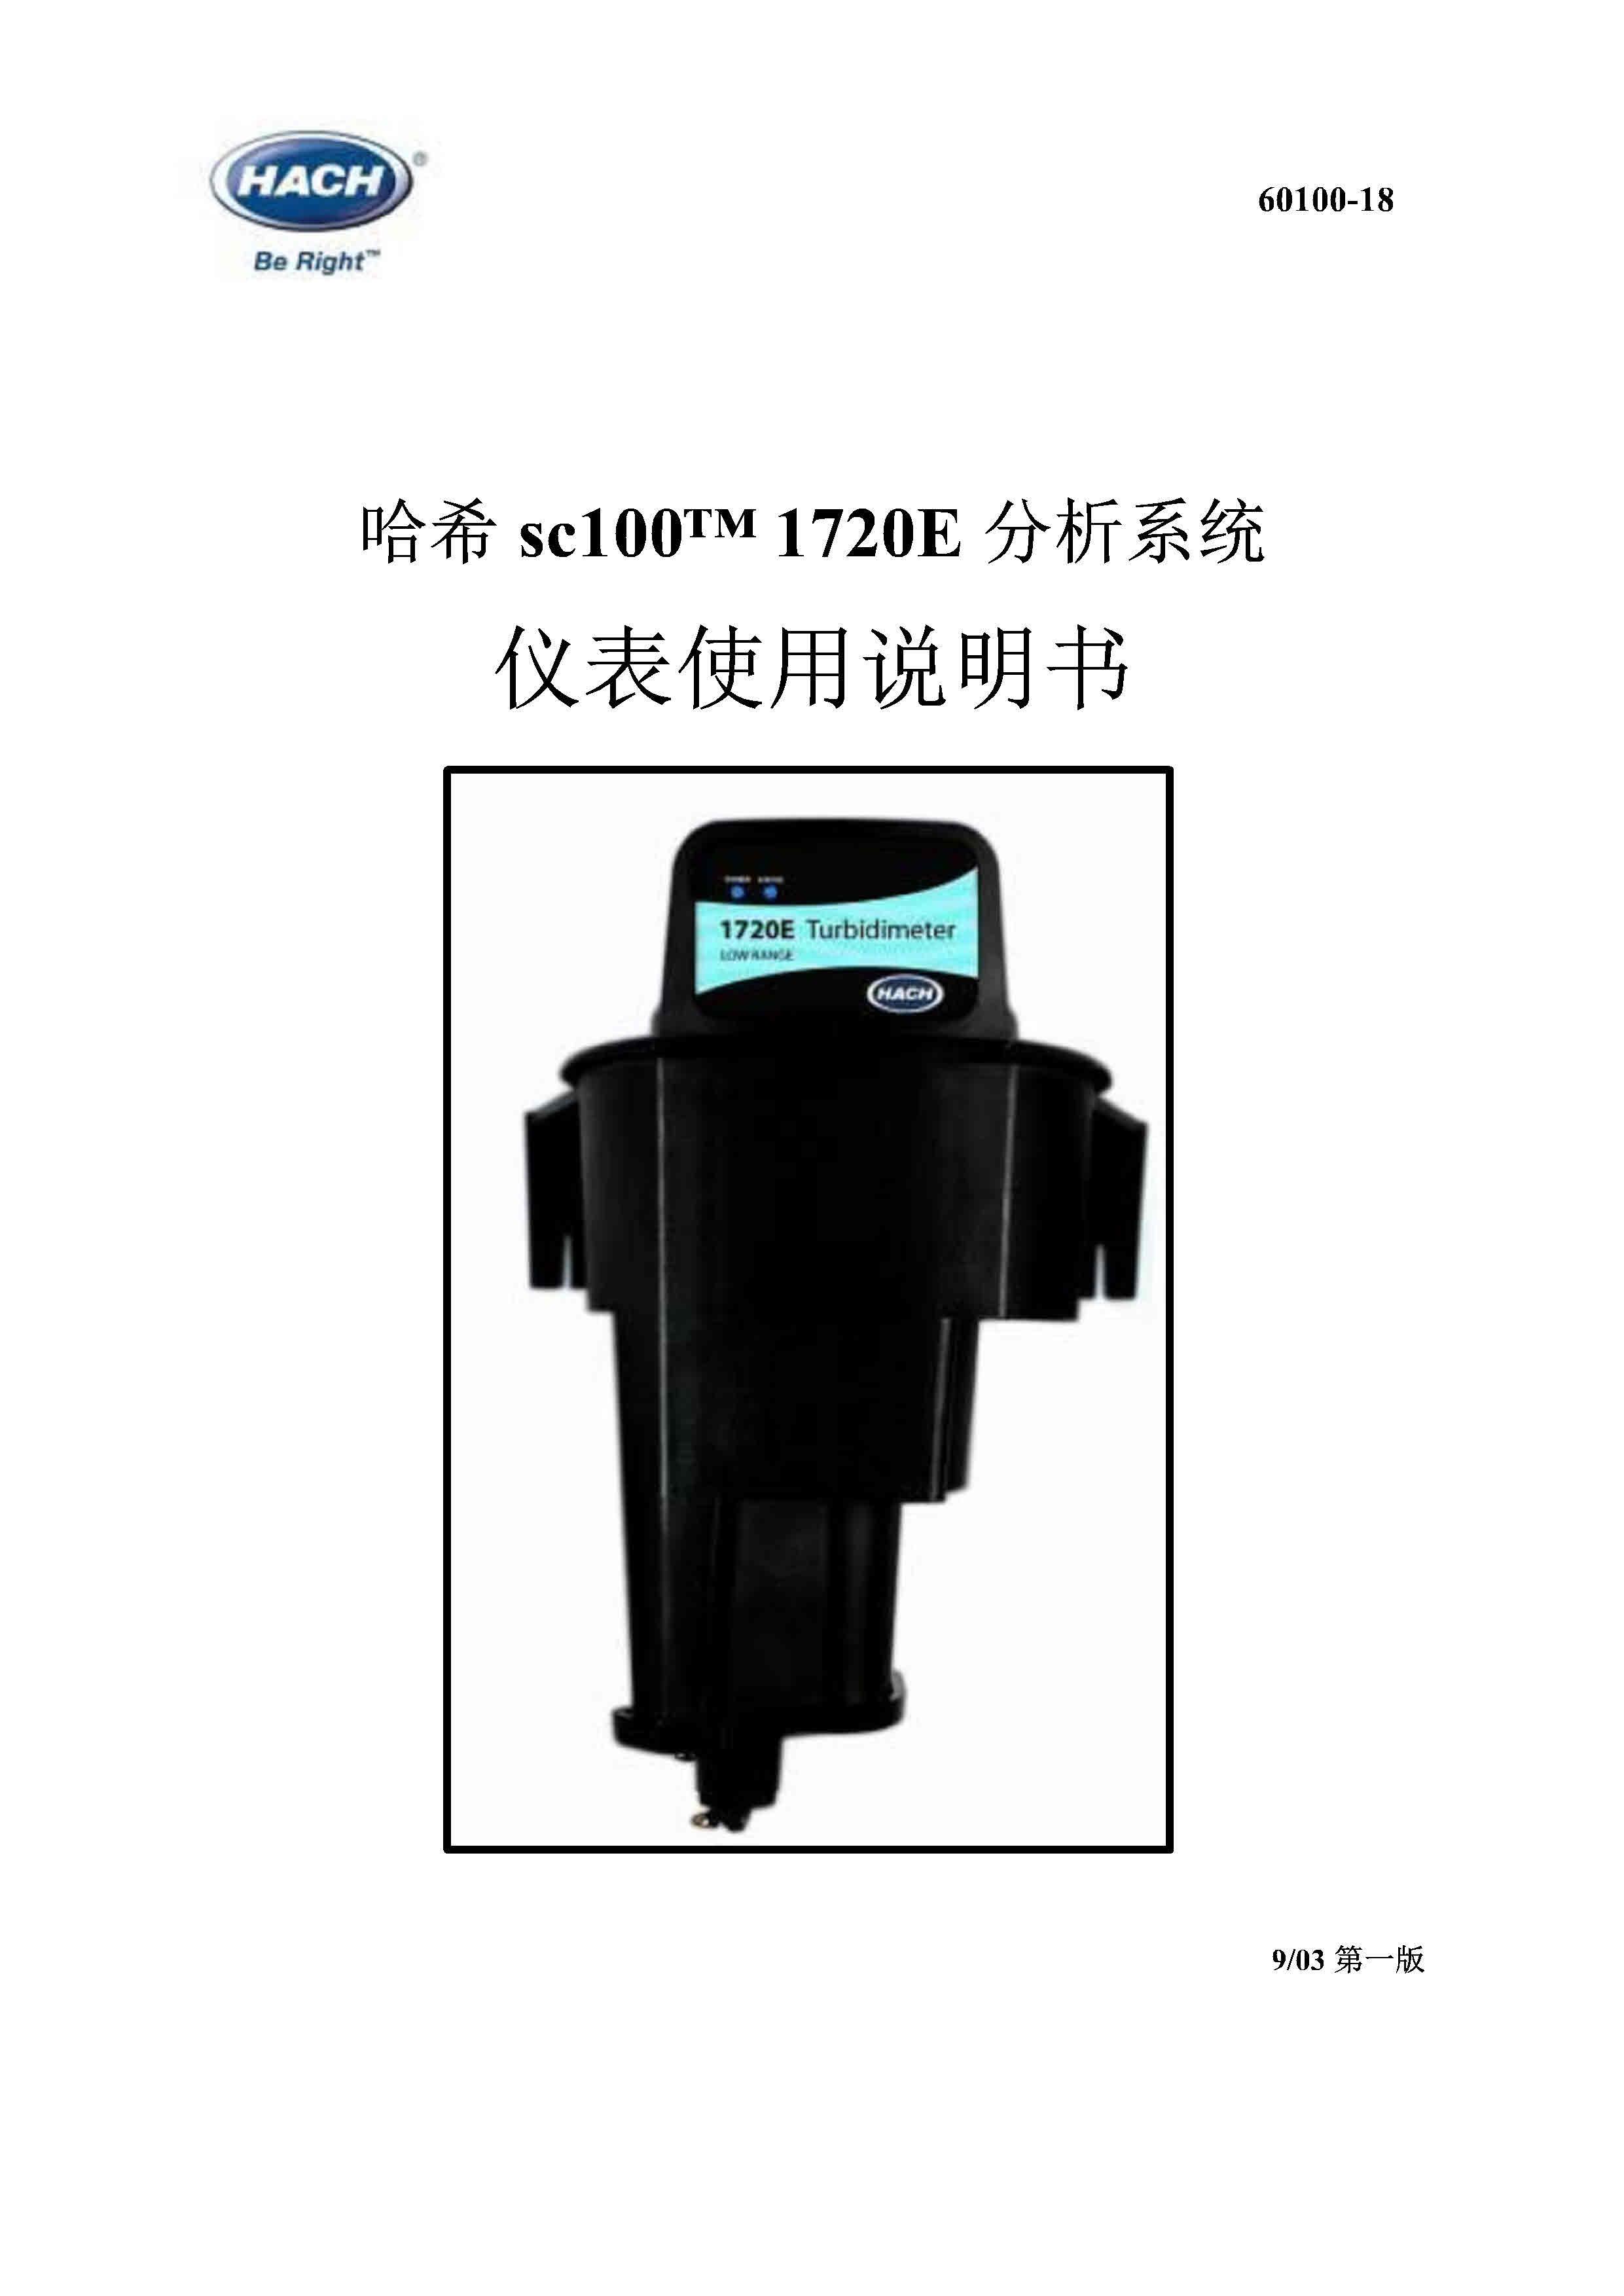 HACH SC100+1720E浊度分析仪操作手册